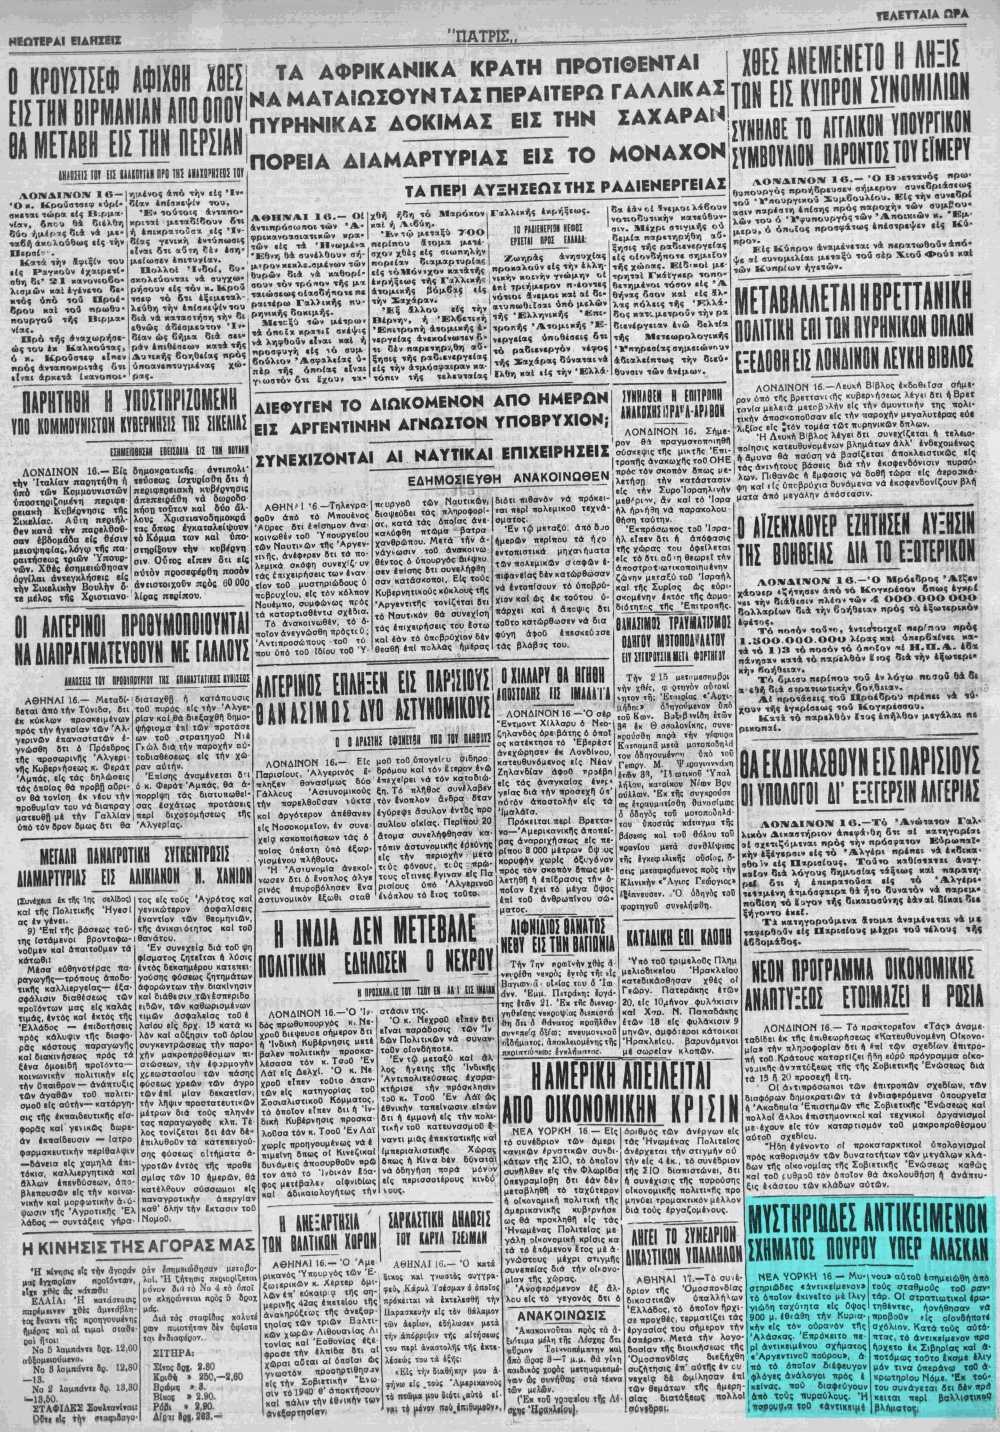 """Το άρθρο, όπως δημοσιεύθηκε στην εφημερίδα """"ΠΑΤΡΙΣ"""", στις 17/02/1960"""